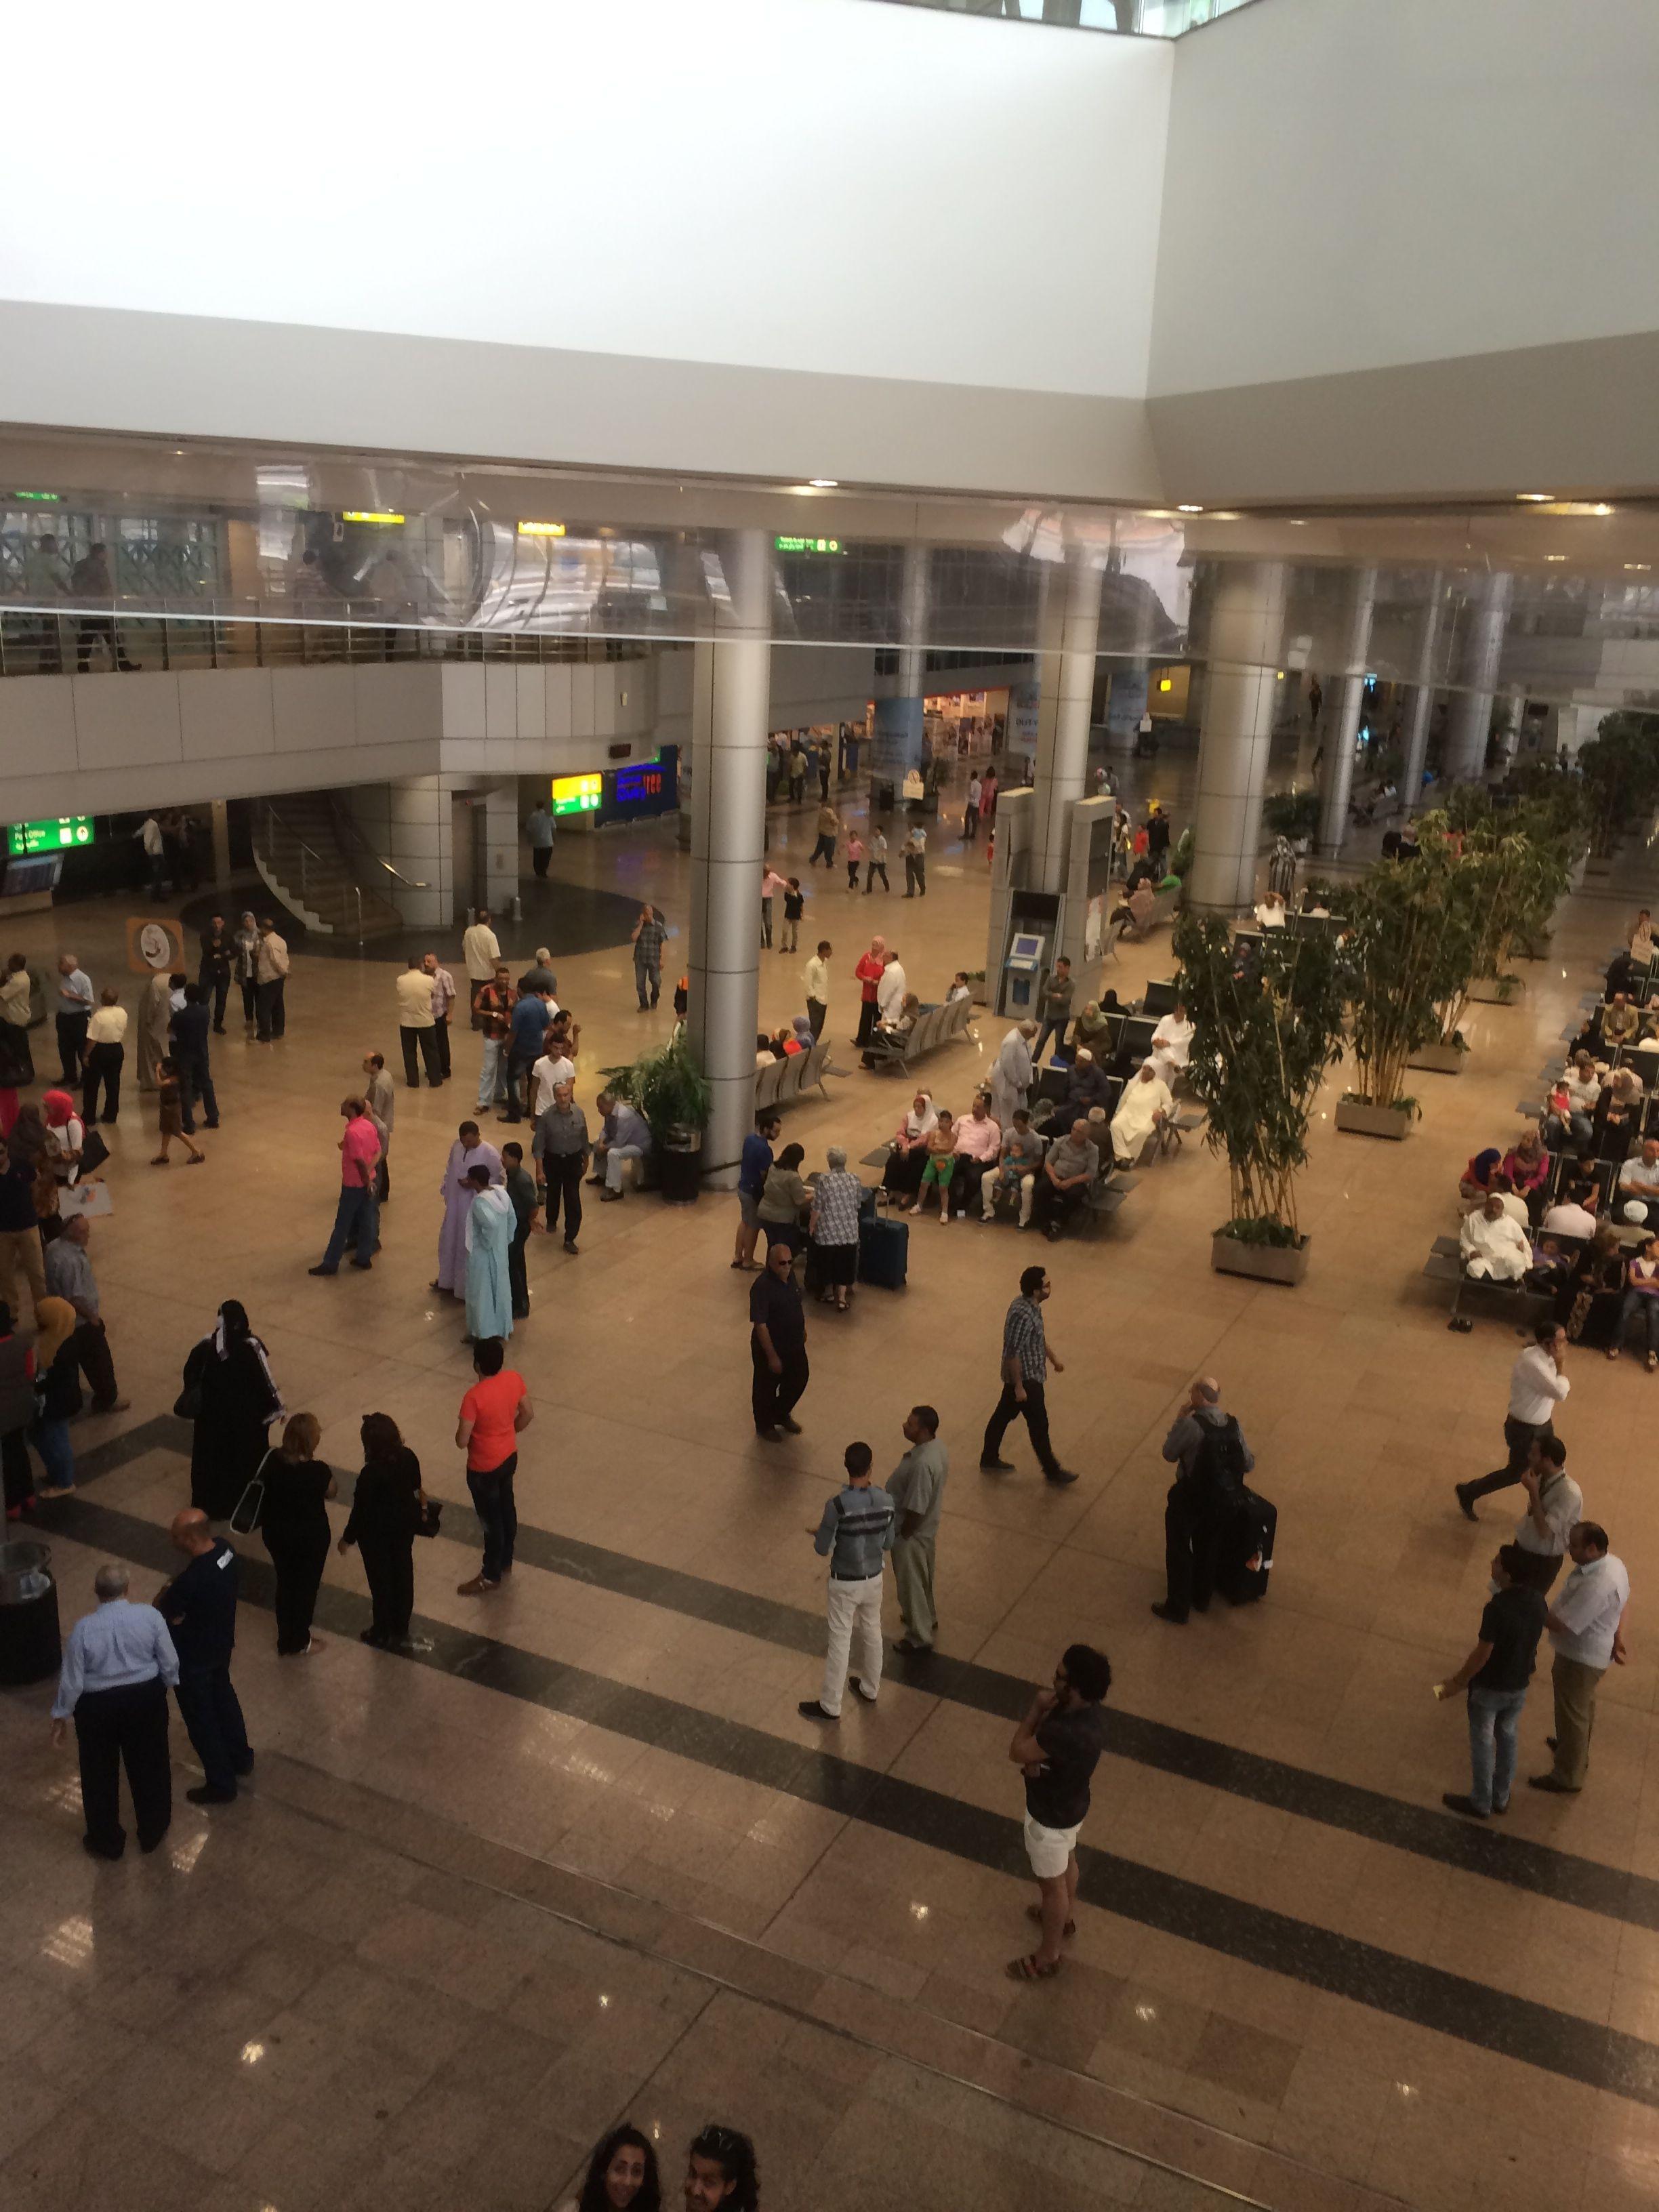 Aeroporto Havana Arrivi : Arrivi aeroporto havana crestor mg compresse